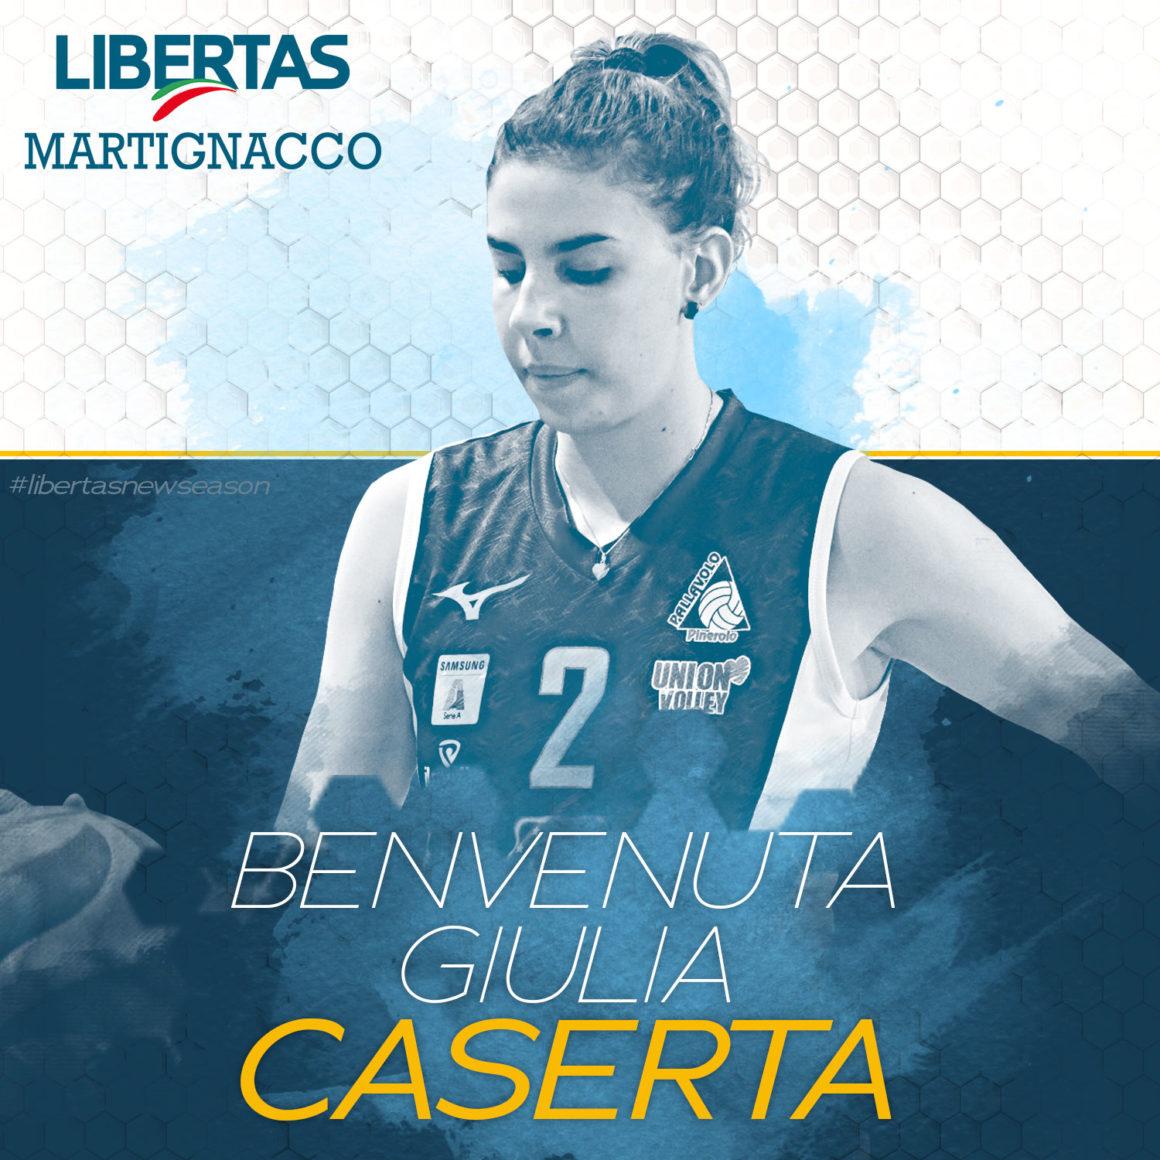 L'Itas Città Fiera annuncia Giulia Caserta!